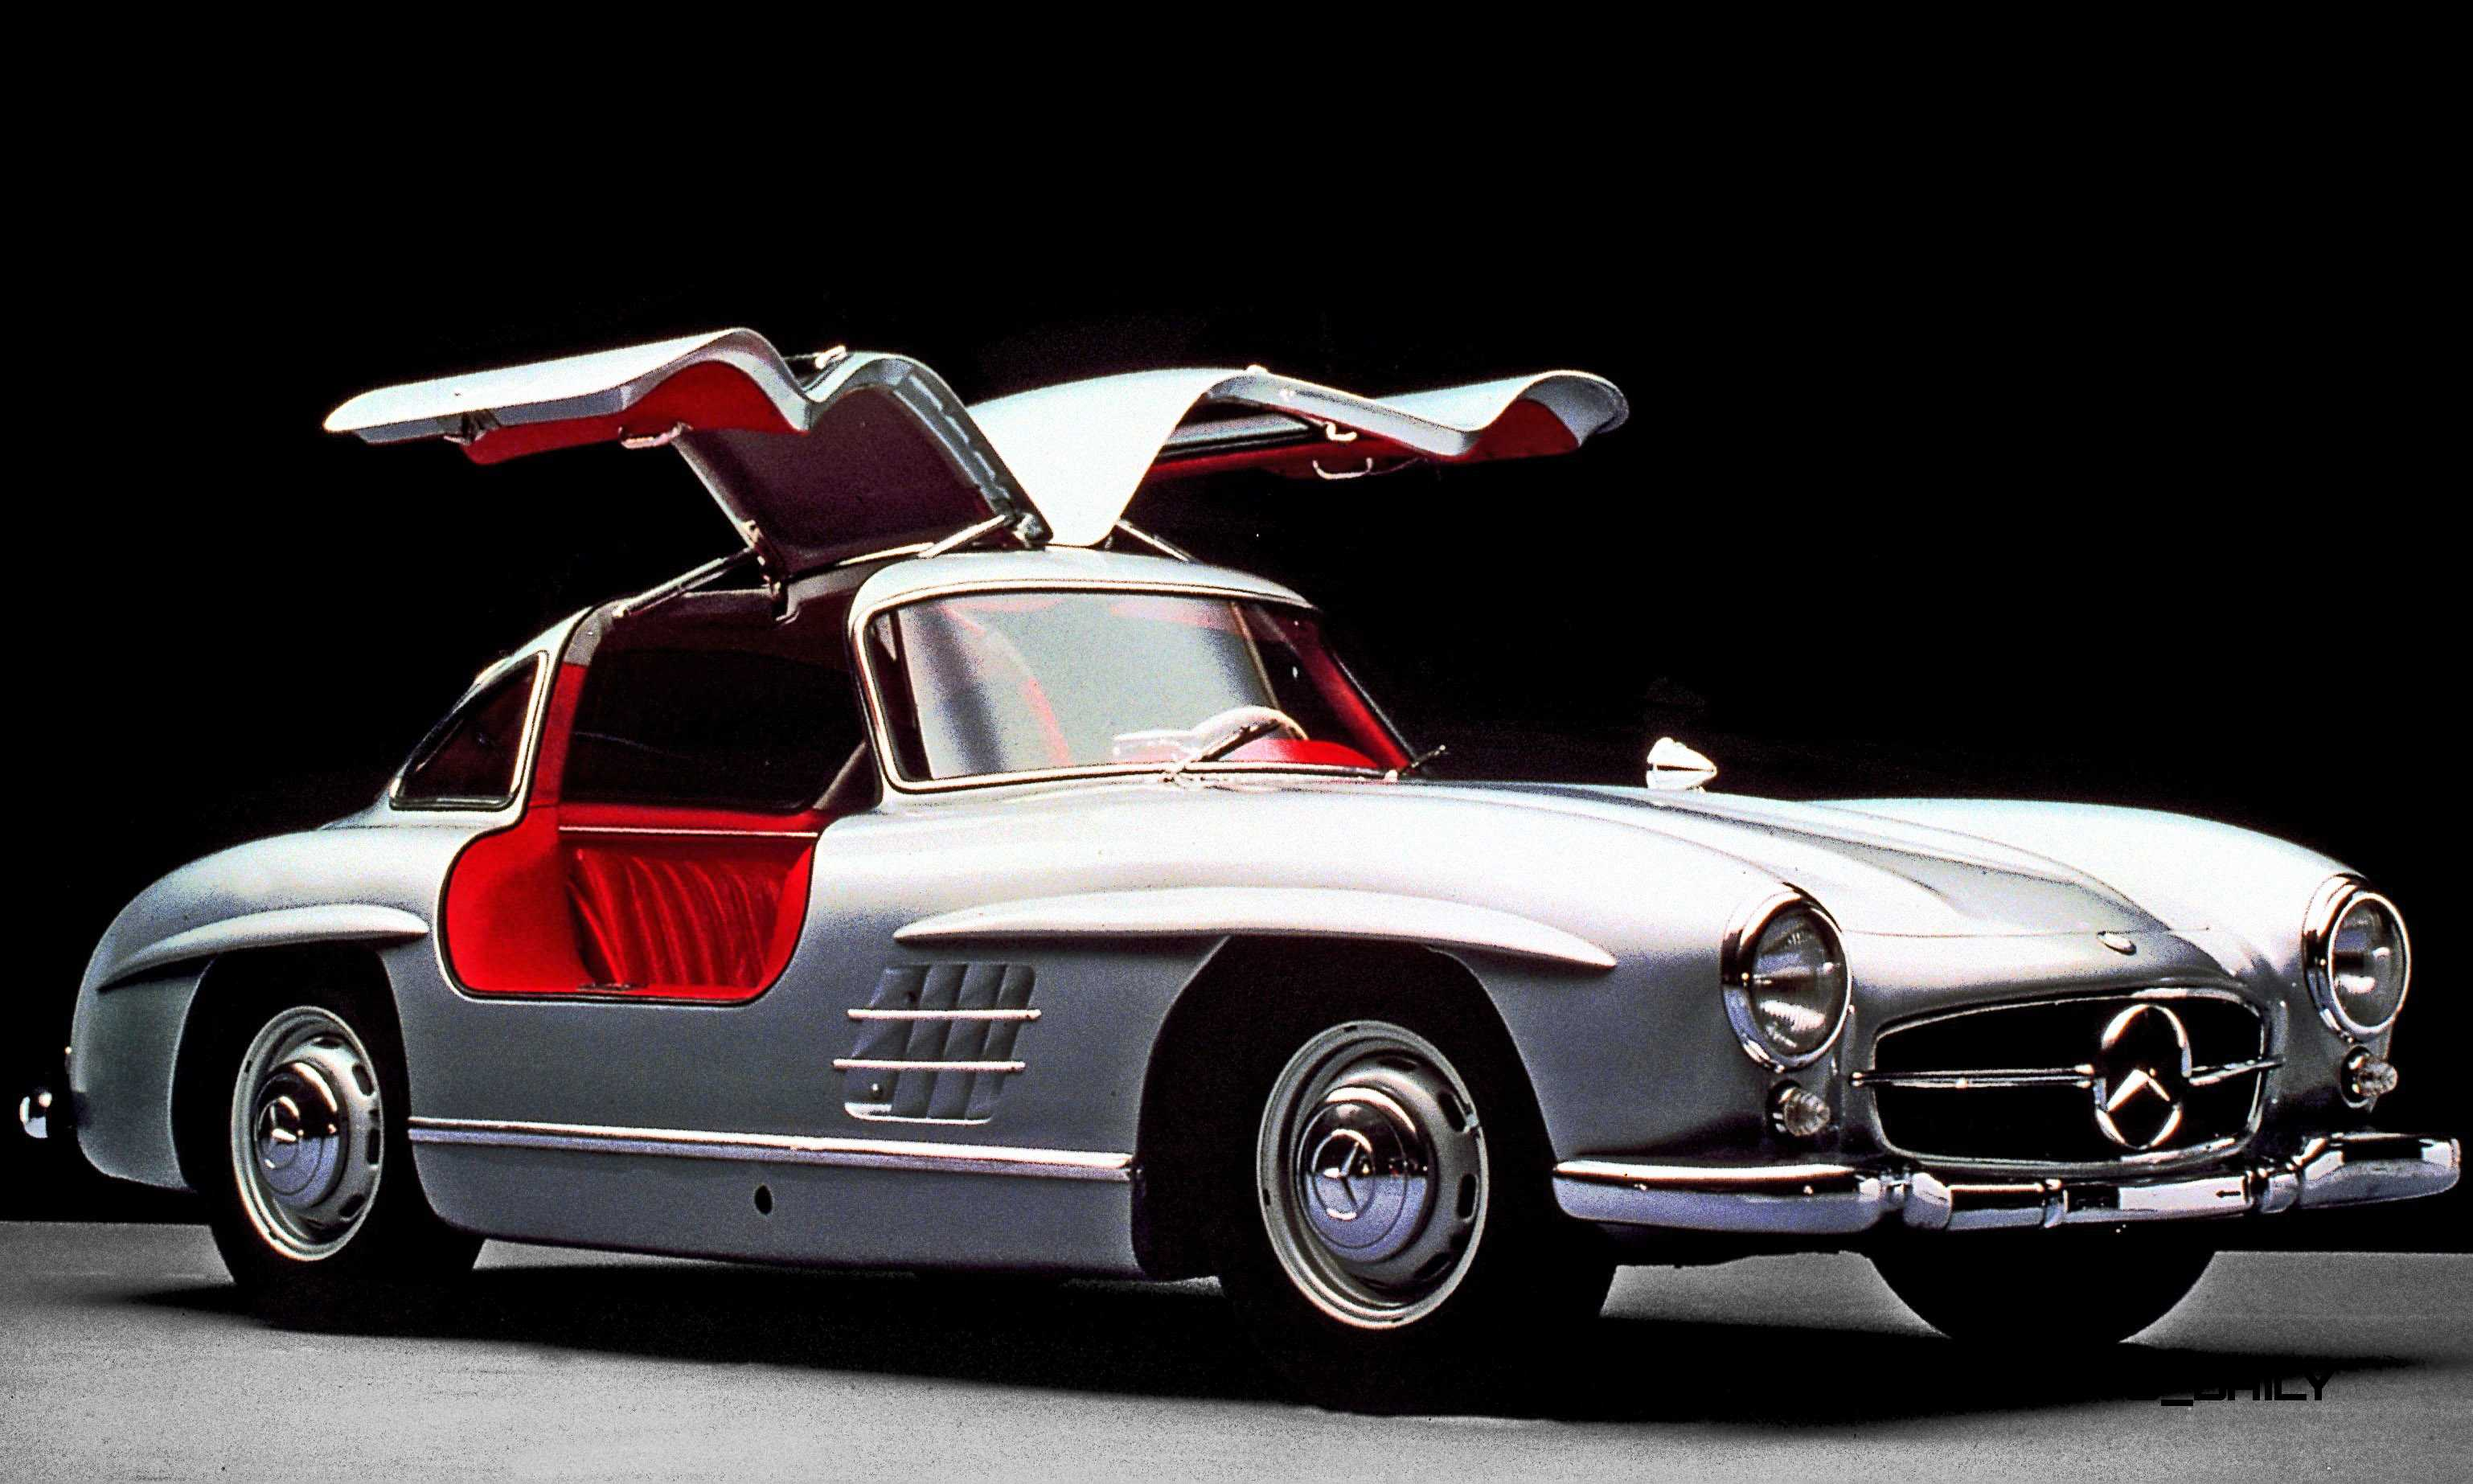 Mercedes benz gullwing supercar evolution for New mercedes benz supercar